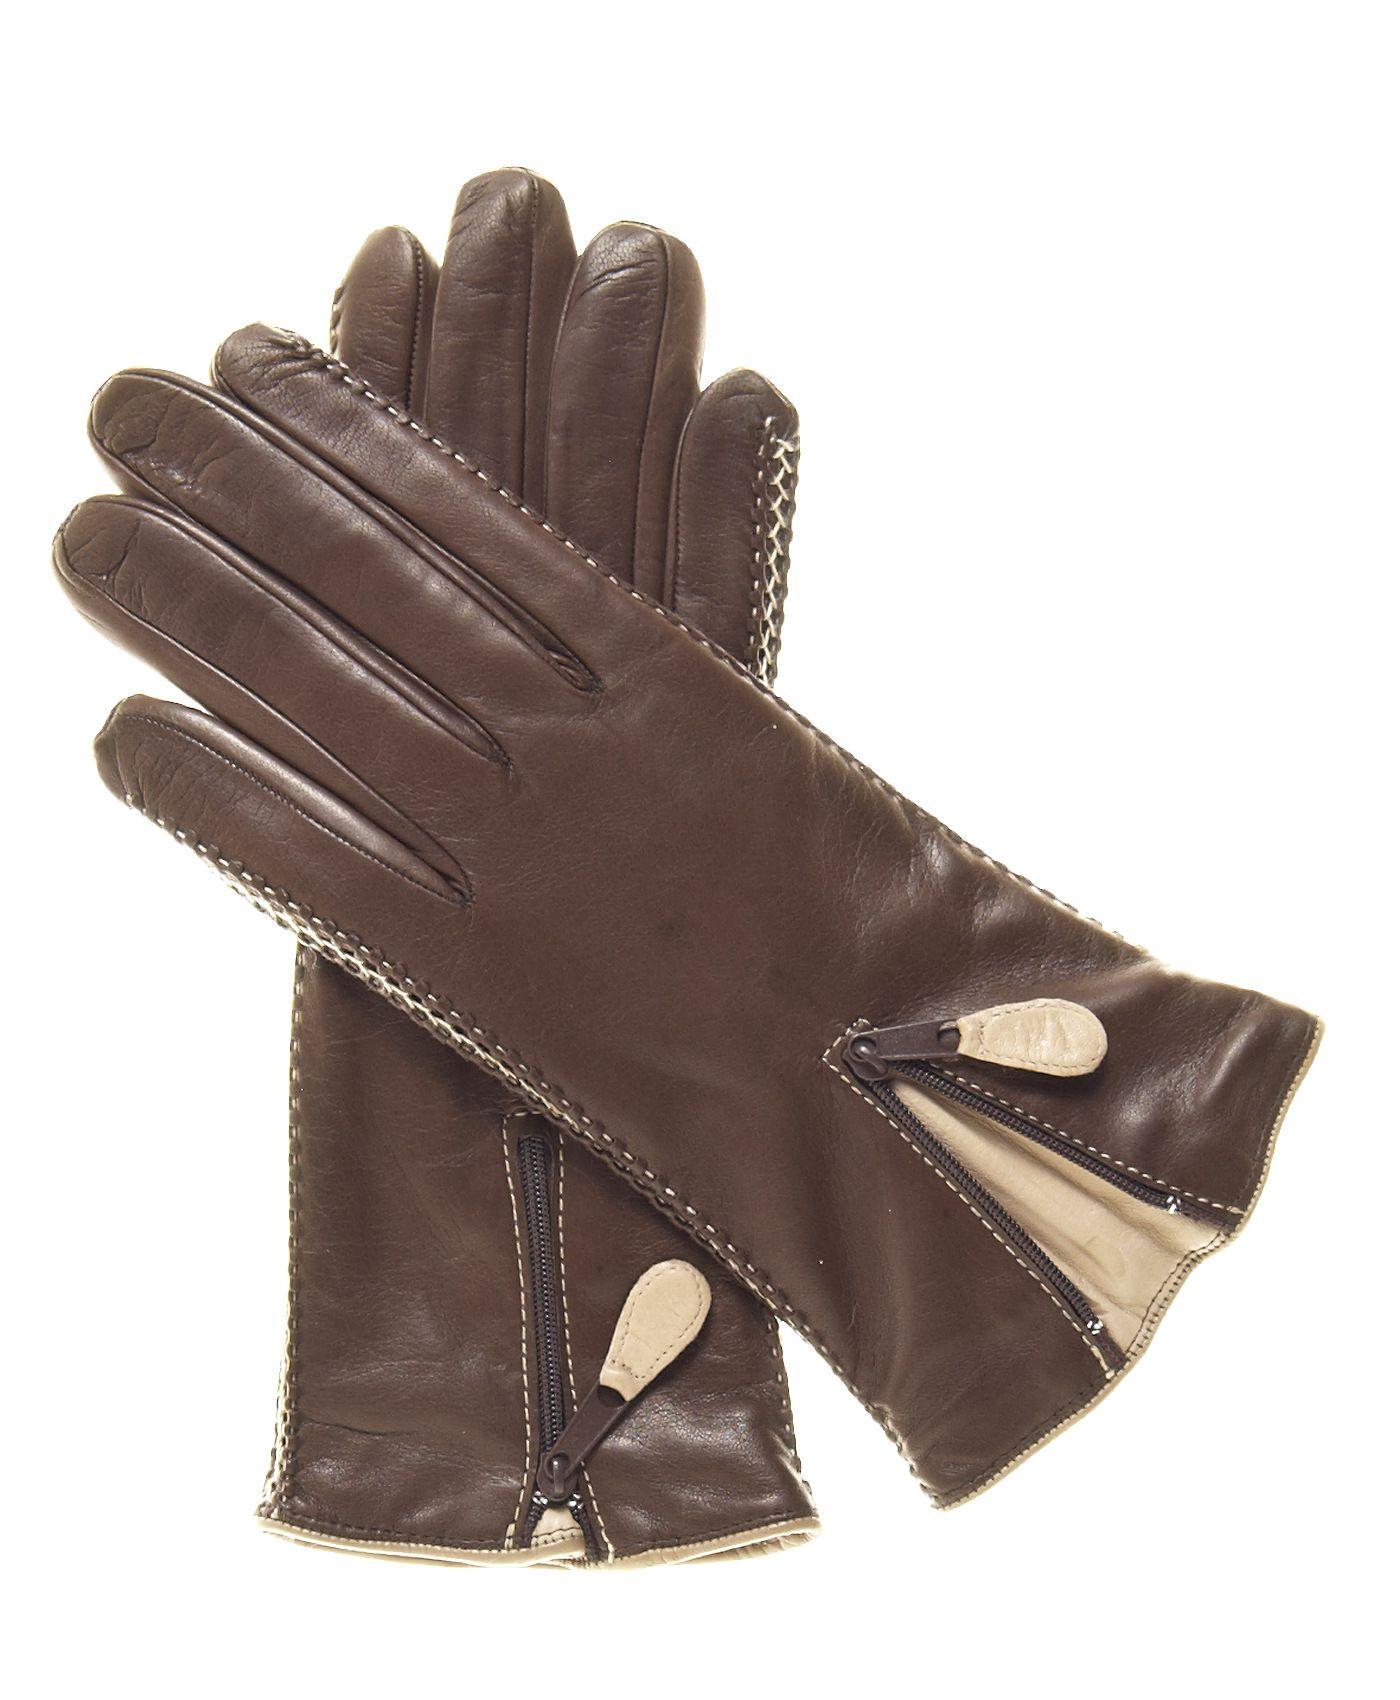 Womens lined leather gloves - Women S Lambskin Cashmere Lined Leather Gloves With Zipper By Fratelli Orsini